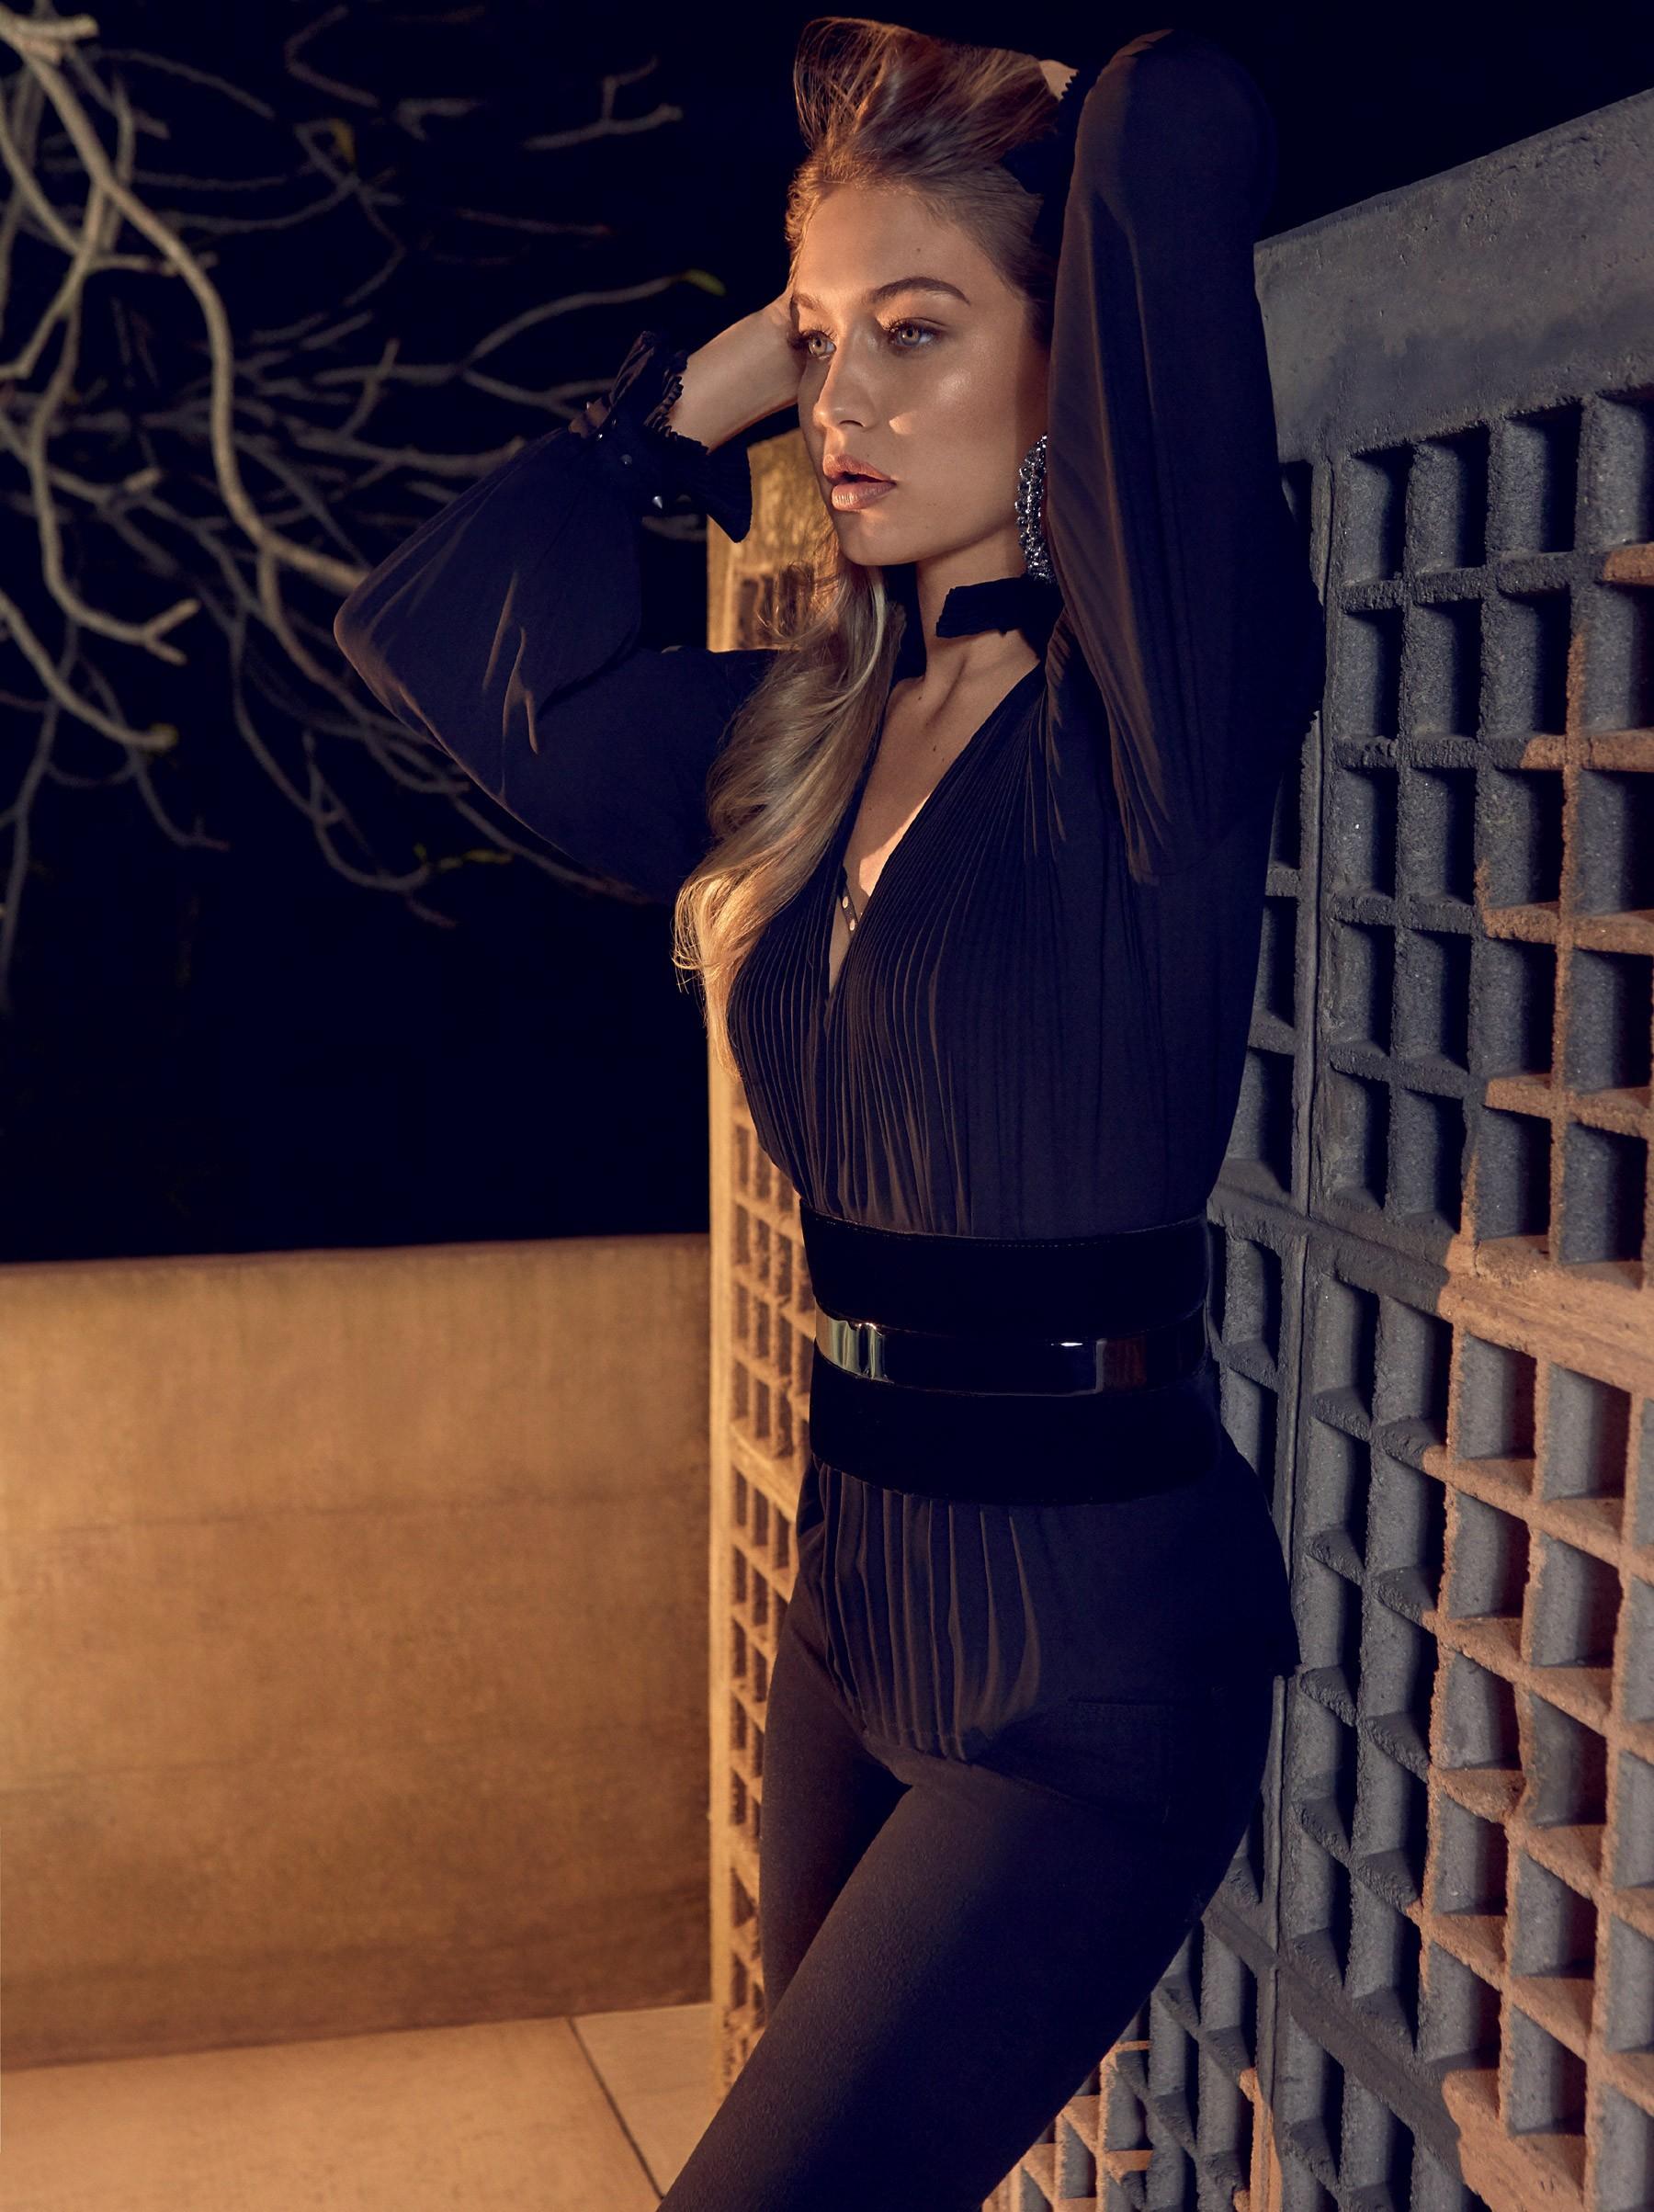 Gigi Hadid In Golden Girl By Henrique Gendre For